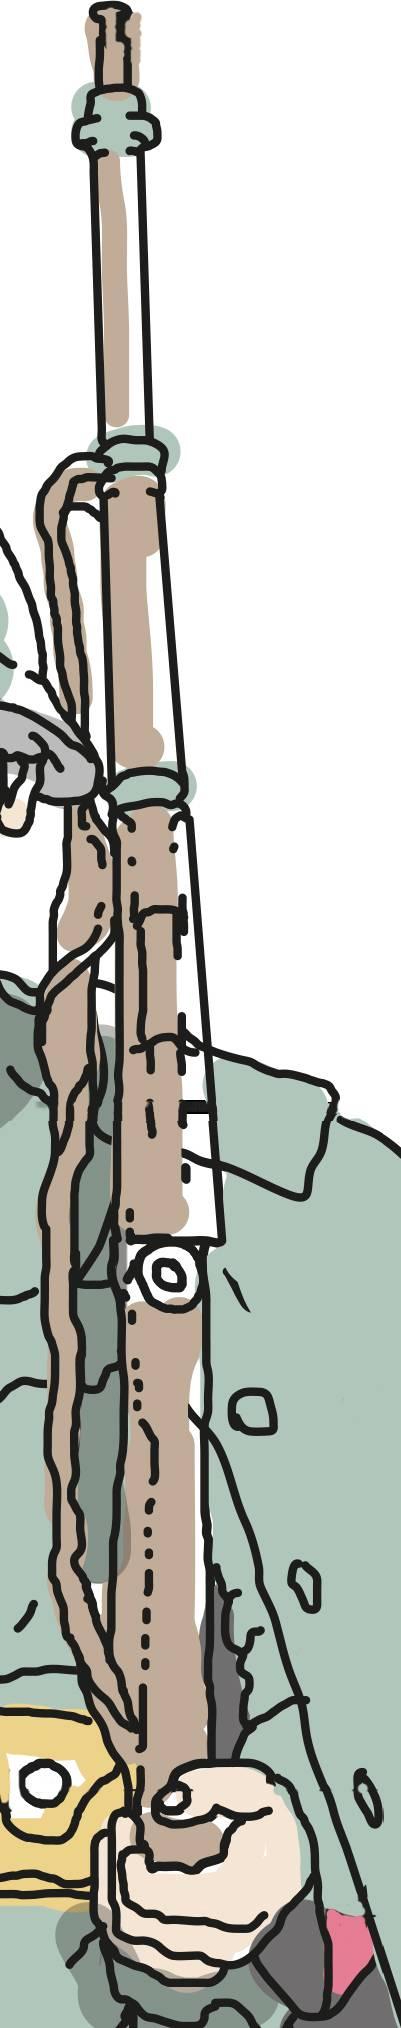 Repetiergewehr von Kaliber 7,5 mm. Das Magazin fasst sechs Schuss und konnte mit einem Patronenclip (einem sogenannten Lader) à 6 Schuss oder mit Einzelpatronen geladen werden. Muition war die GP11. Der Karabiner 31 wurde ab 1993 bis 1958 als persönliche Waffe an die Soldaten abgegeben. Die Eidgenössische Waffenfabrik Bern produzierte über eine halbe Million Stück. Weil es sehr präzis gefertigt wurde, schiesst es ziemlich genau und ist deshalb is heute in Schützenkreisen immer noch beliebt und in Gebrauch.